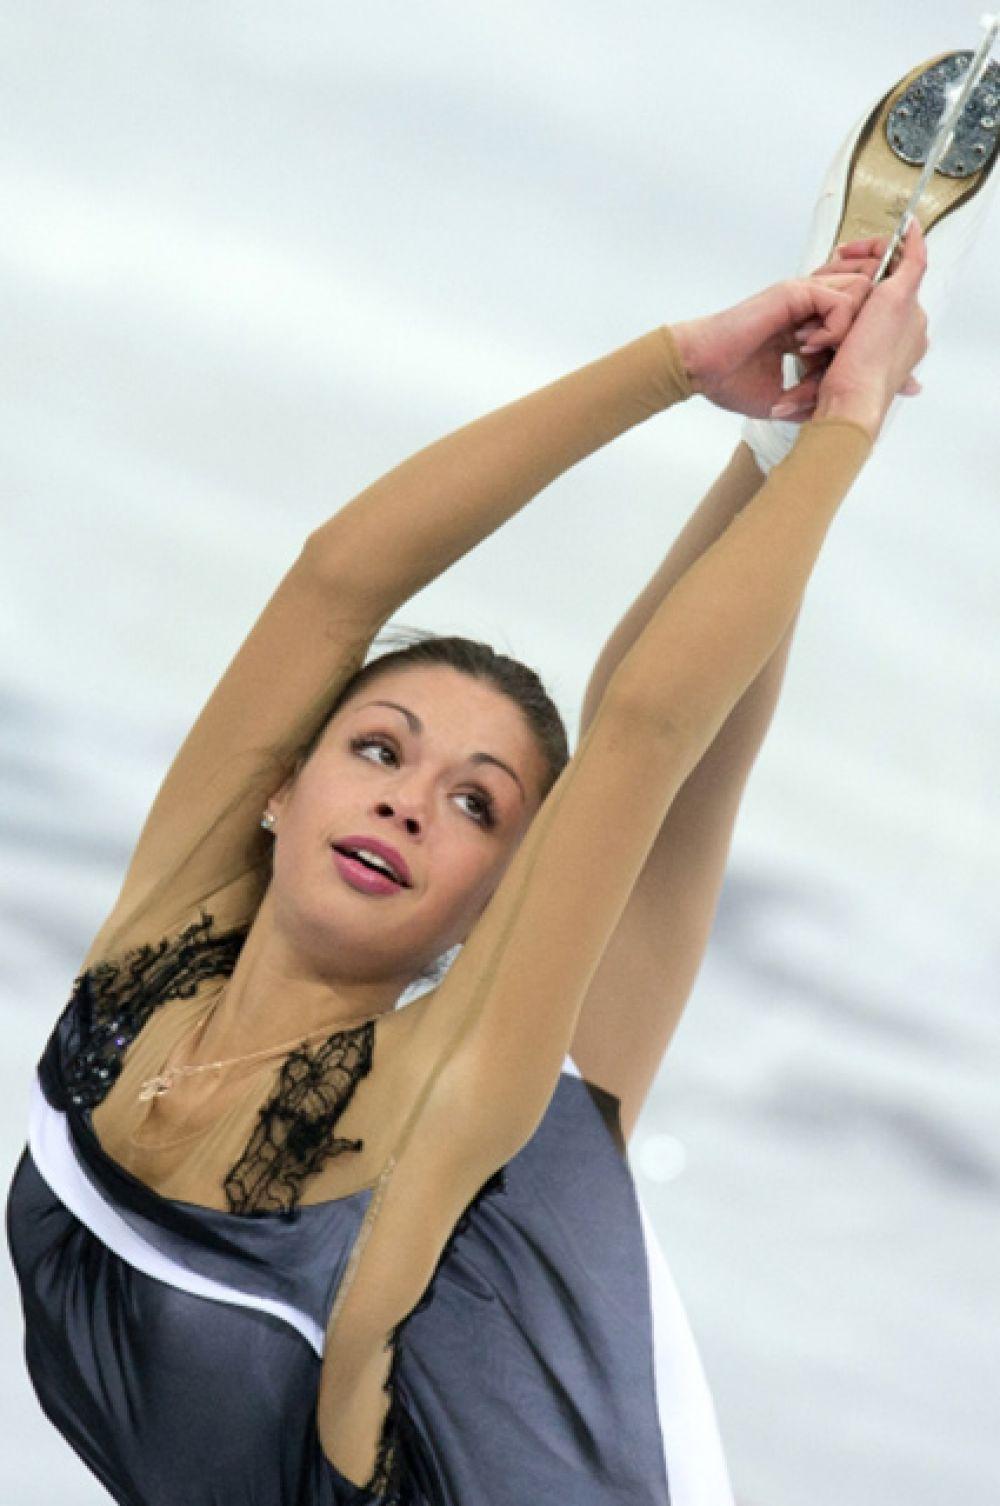 9-е место, Николь Госвияни, 17 лет, в сезоне 2012/13 выиграла Трофей Словении и Международный юношеский турнир Nestle, в сезоне 2013/14 победила в Хорватии на Кубке Золотого медведя и заняла второе место на Мемориале Ондрея Непелы в Братиславе.